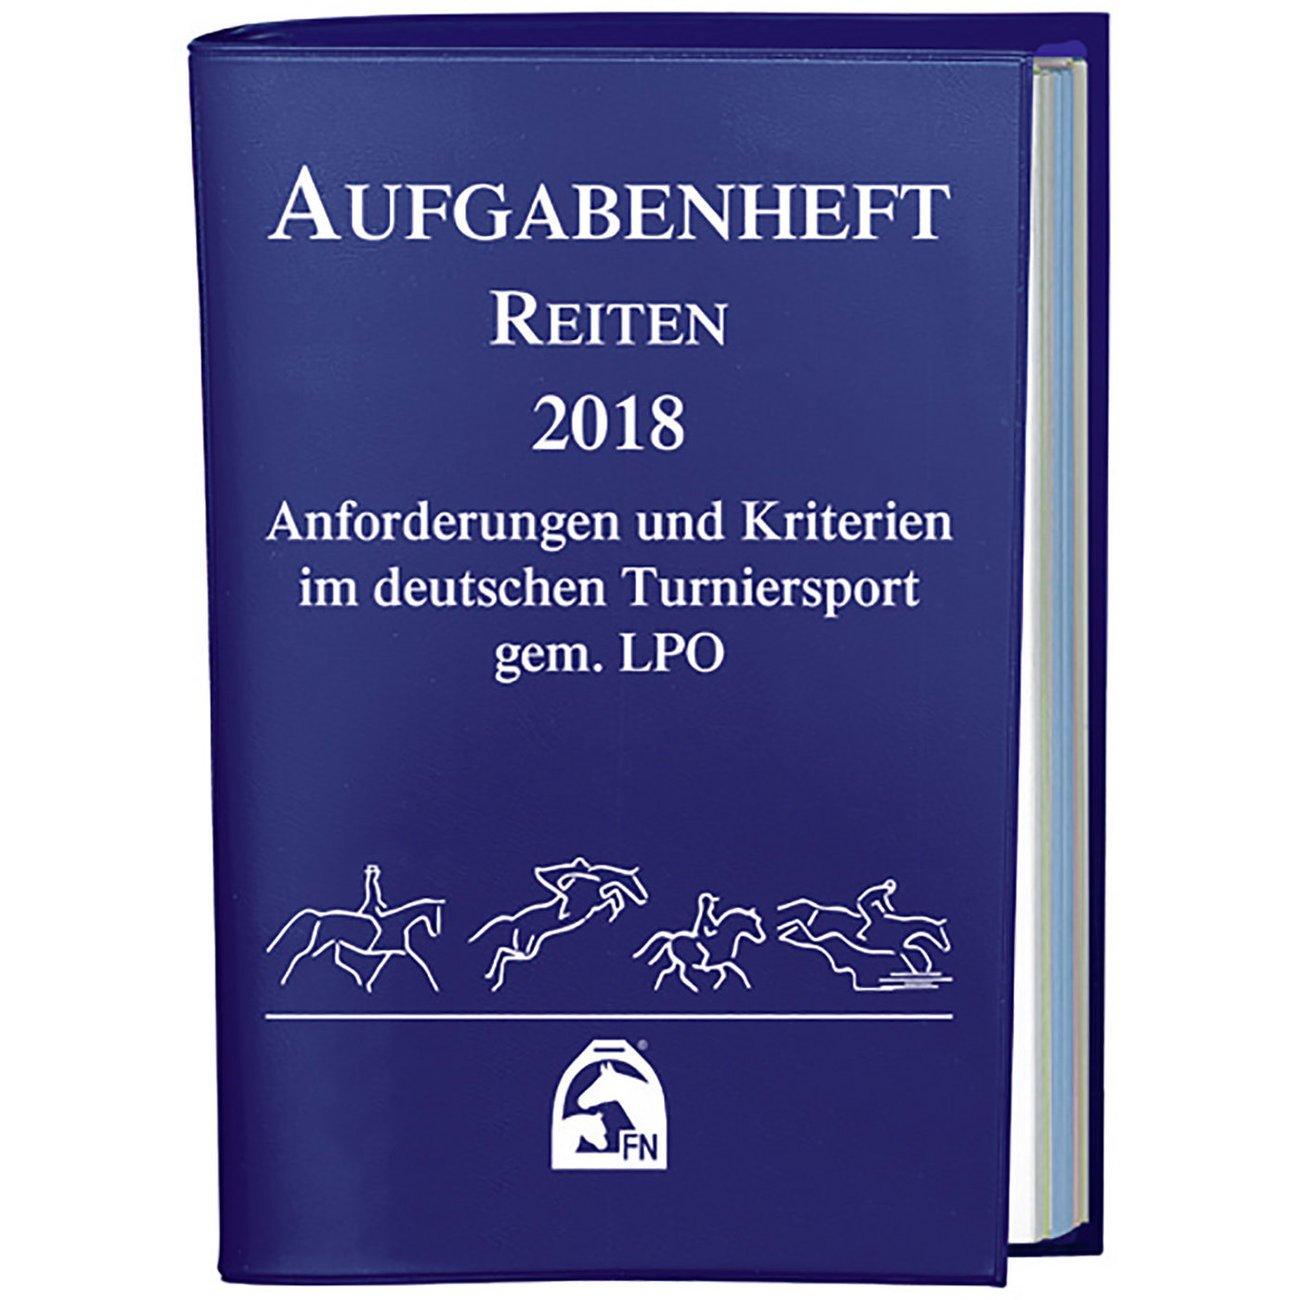 BUSSE Aufgabenheft Reiten 2018 Nationale Ausgabe, Aufgabenheft 2018 - Reiten (Nationale Aufgaben)